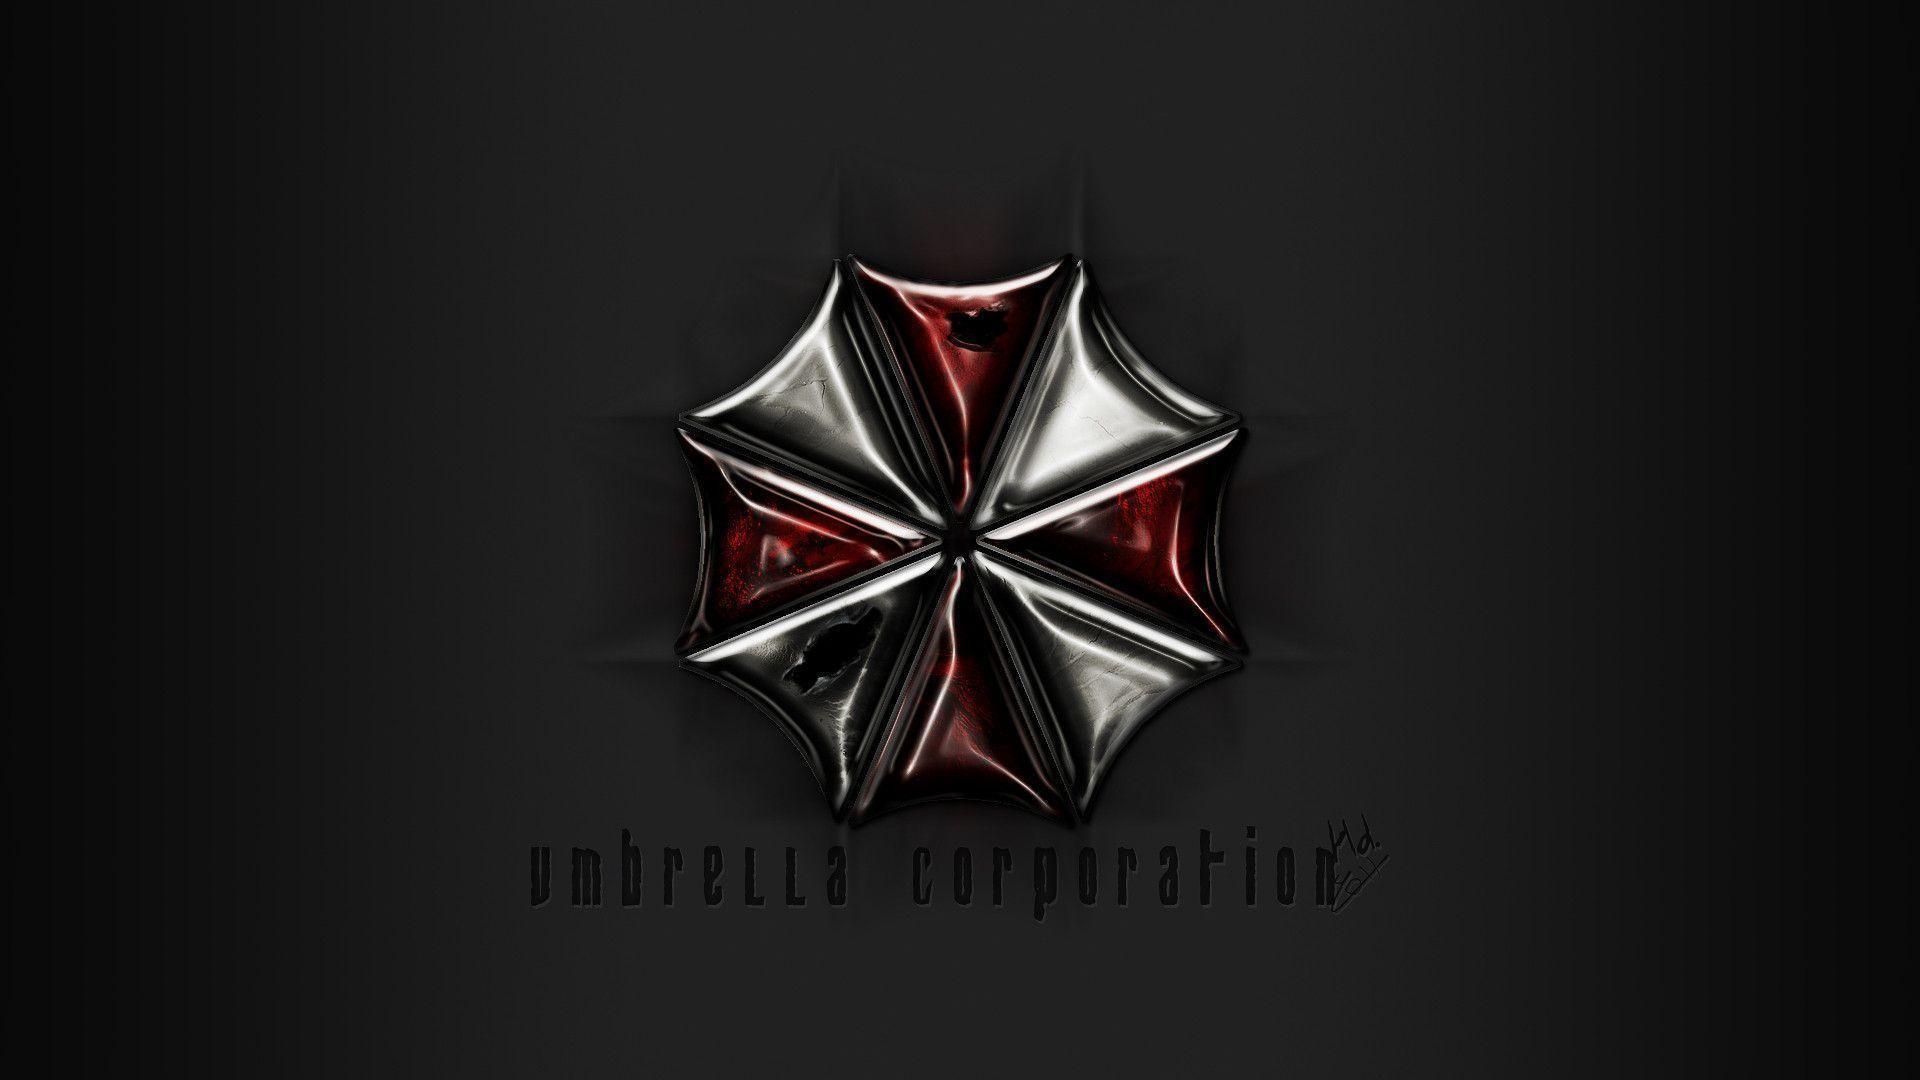 umbrella corporation by hemoglodreams on deviantART Wallpaper .